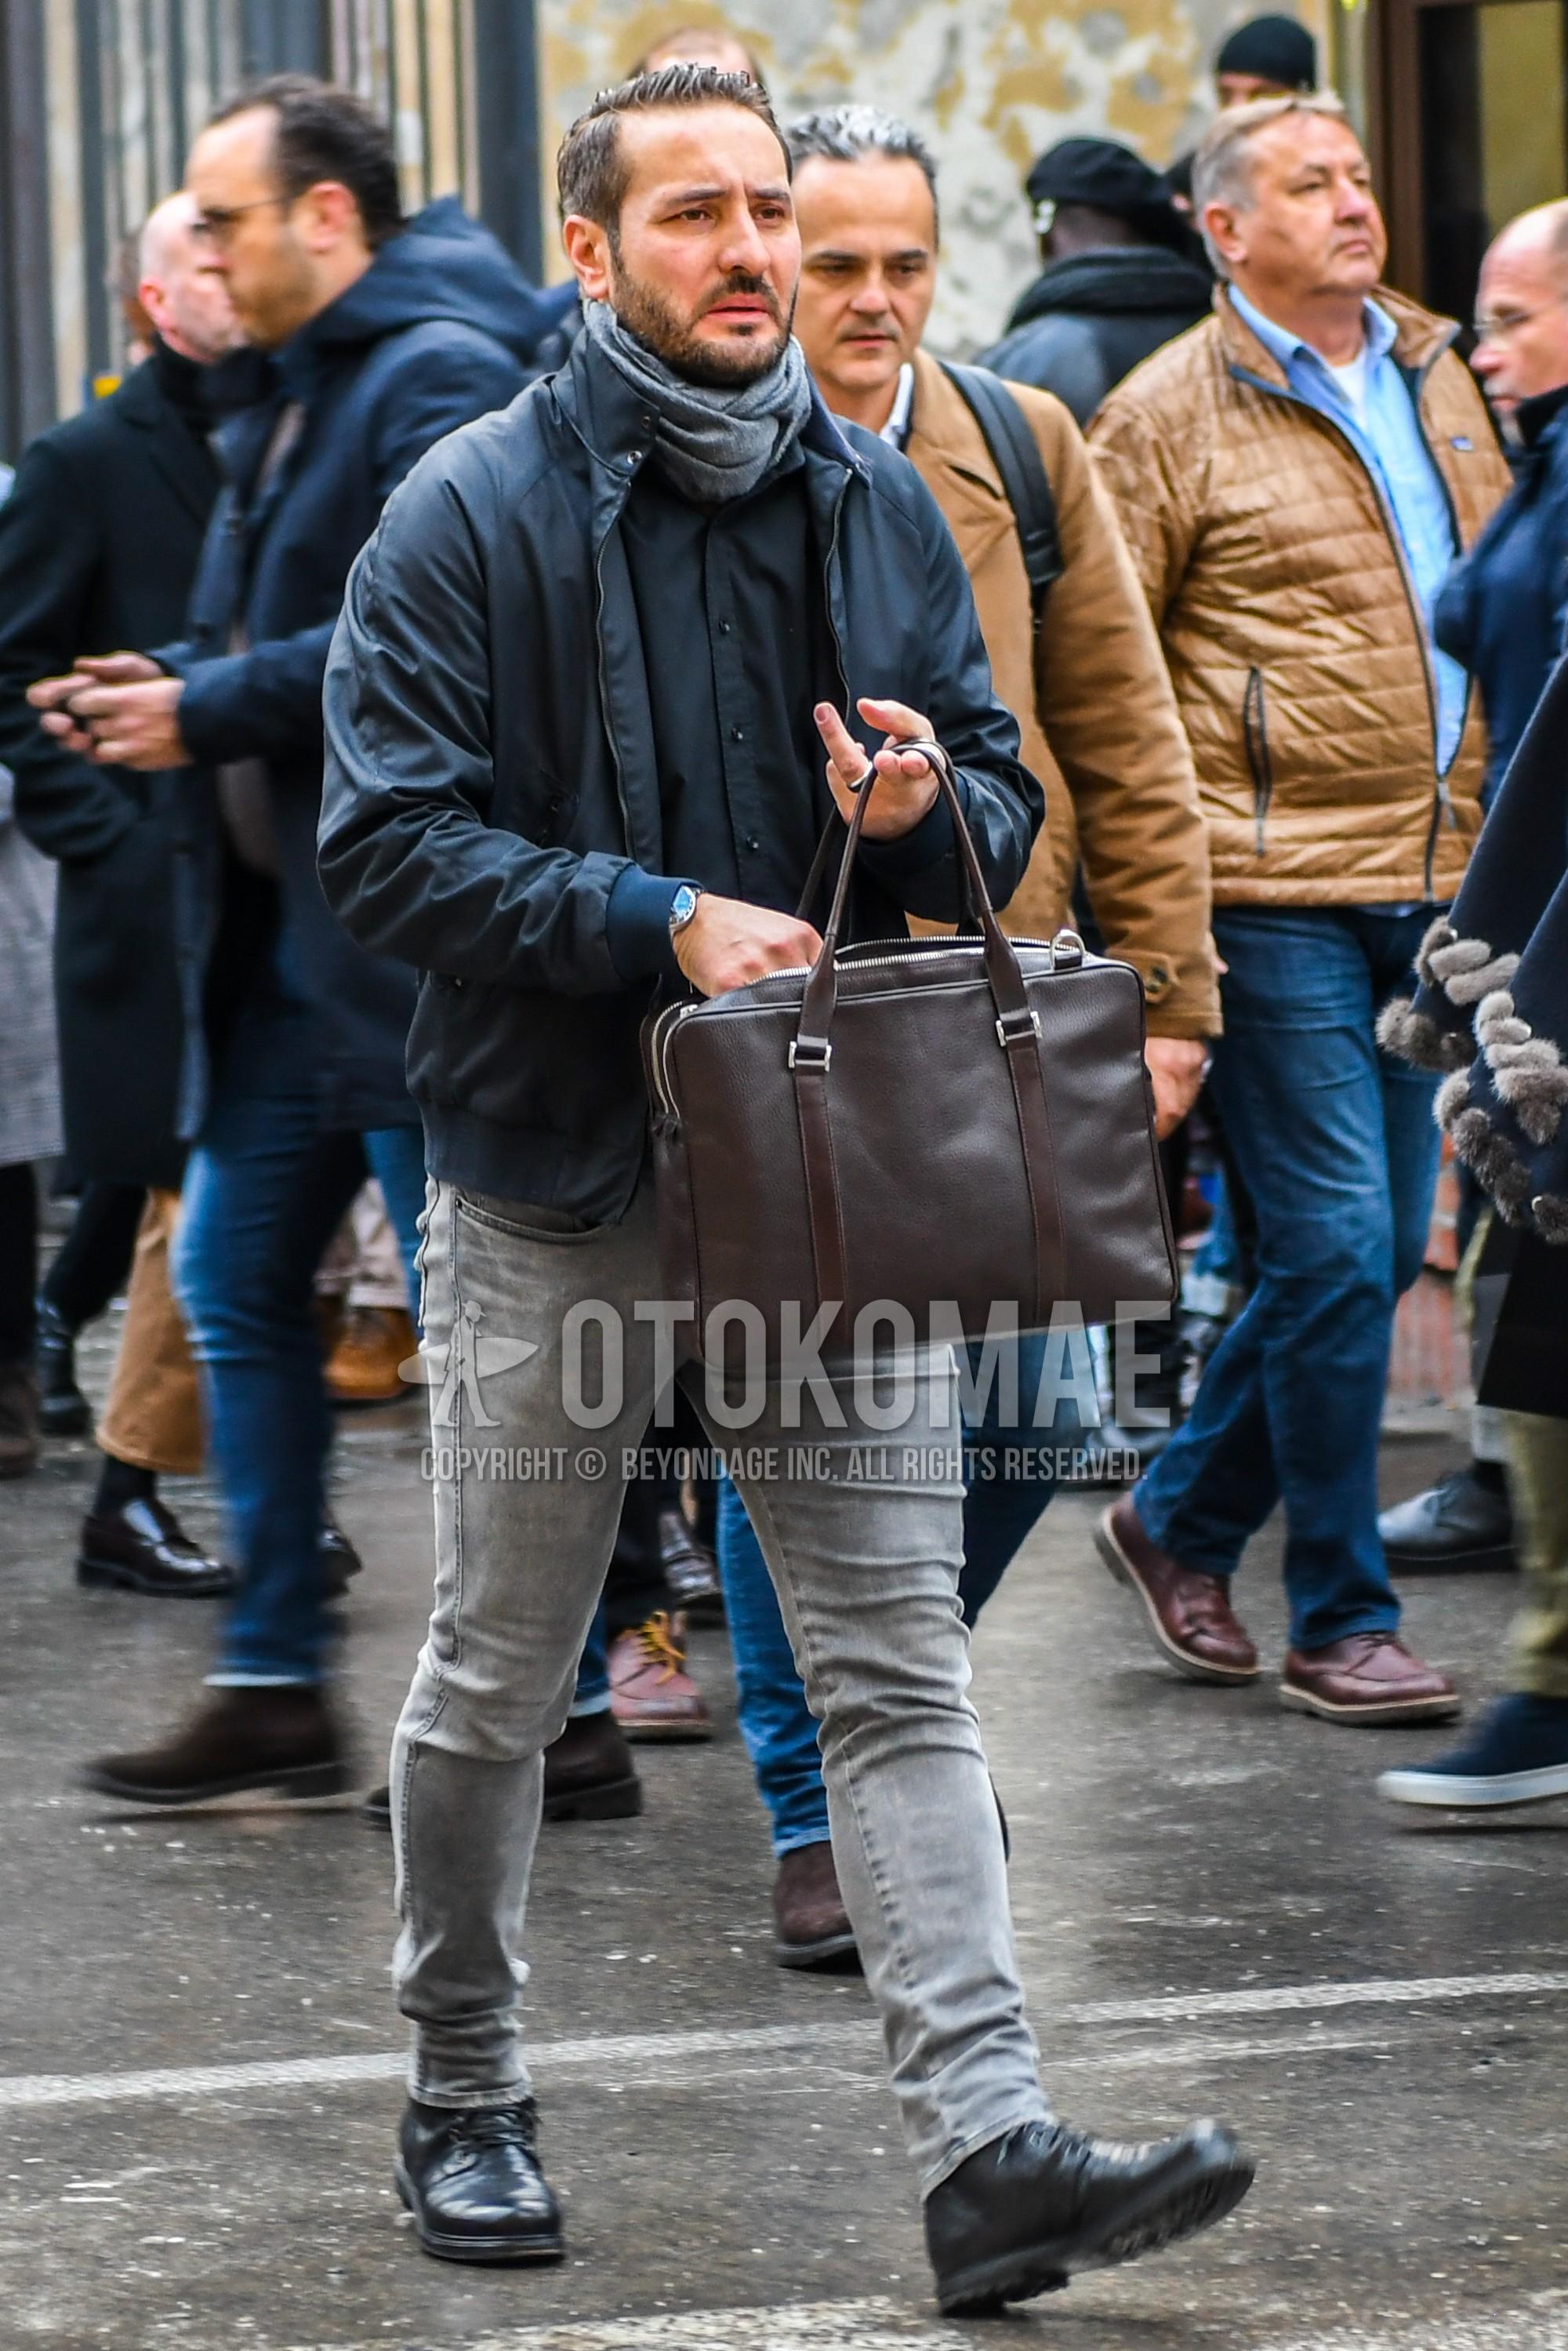 グレー無地のマフラー/ストール、黒無地のアウター、黒無地のシャツ、グレー無地のデニム/ジーンズ、黒のブーツ、ブラウン無地のブリーフケース/ハンドバッグを合わせた冬のメンズコーデ・着こなし。